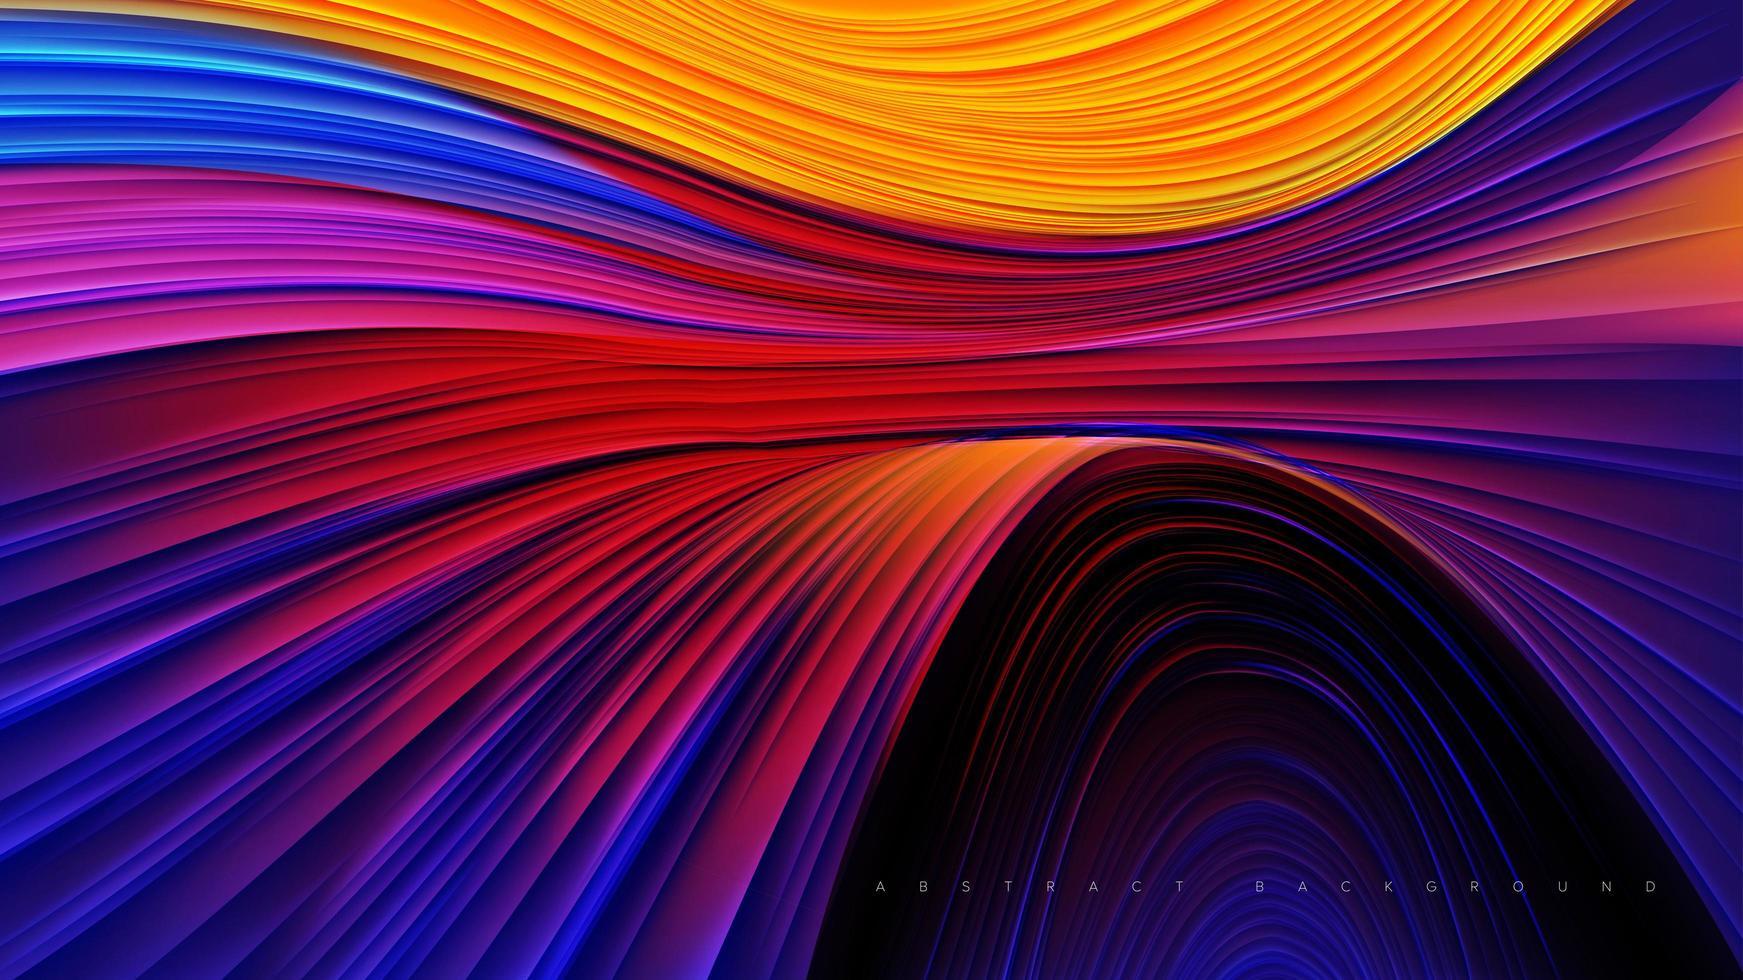 abstrakt färgglad canyon design vektor